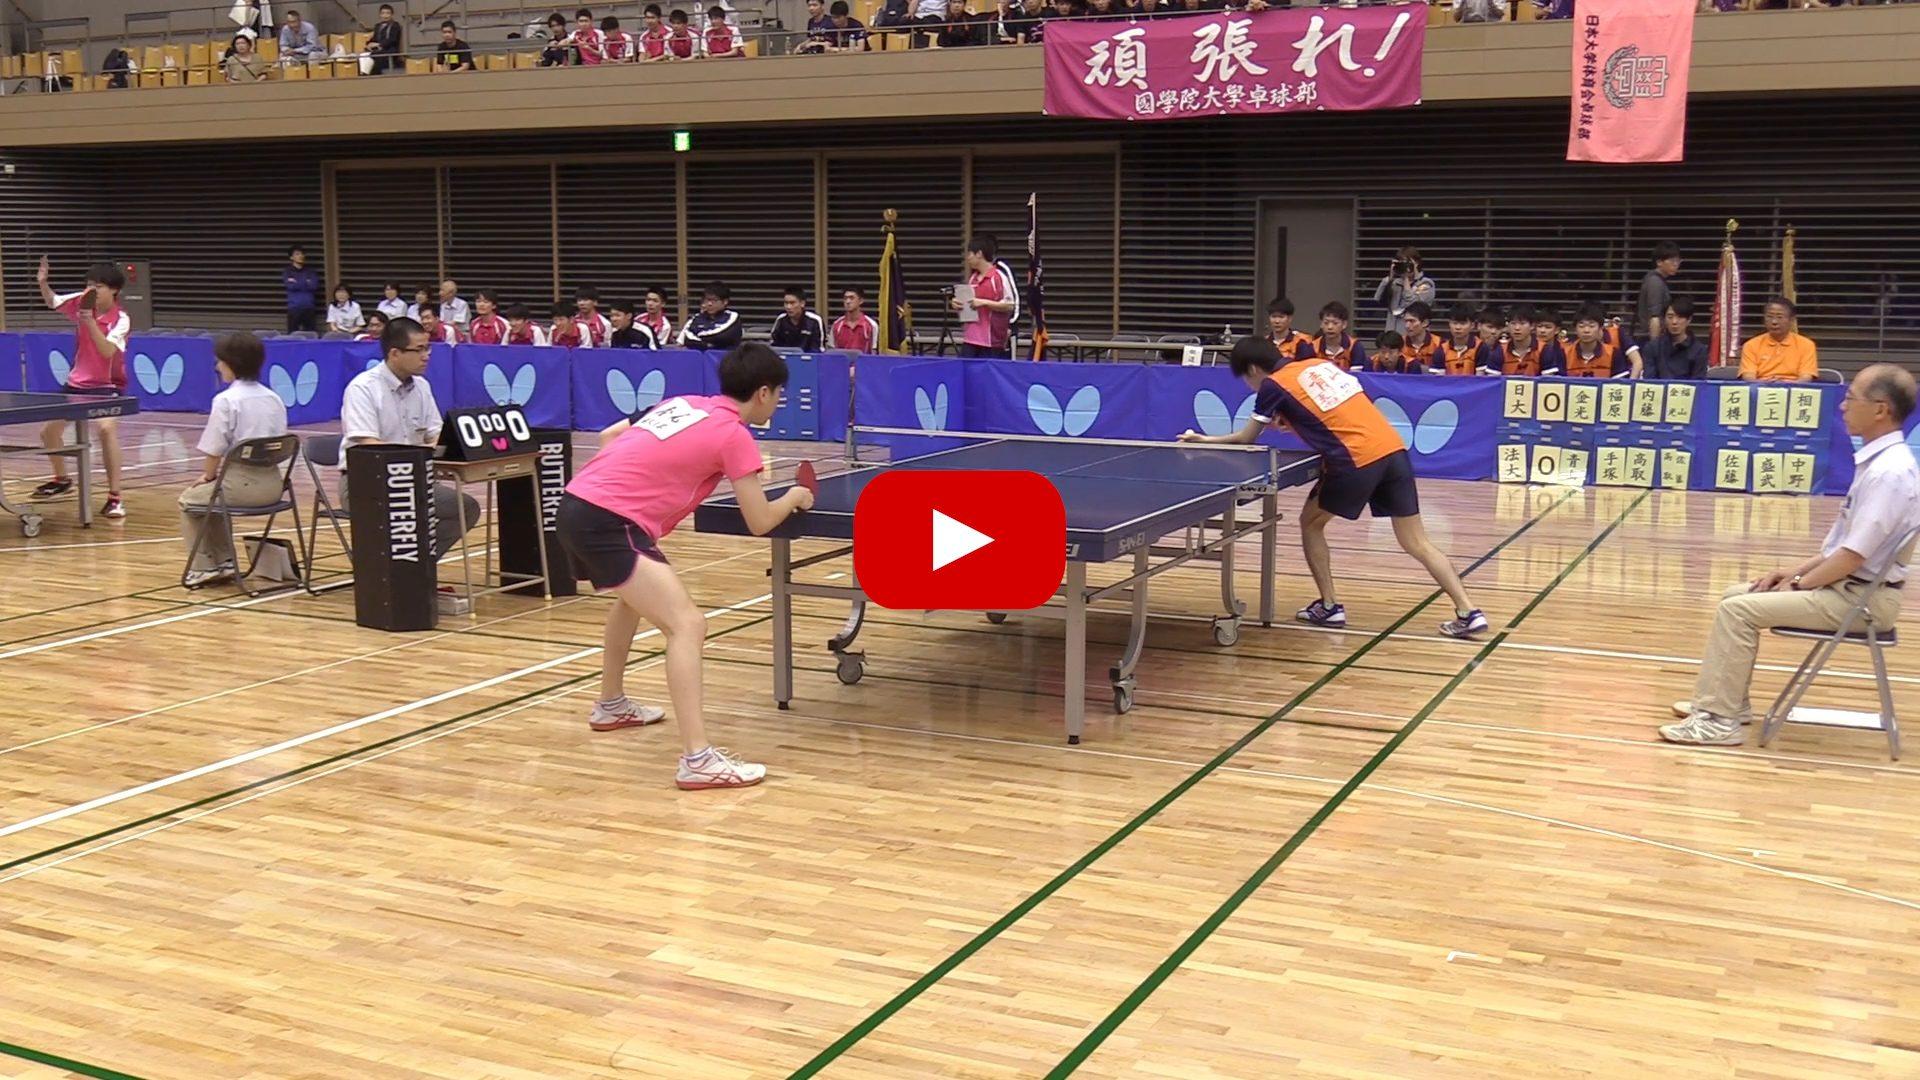 【卓球動画解説】金光 宏暢(日本大)vs 青山 昇太(法政大)|今日の1試合